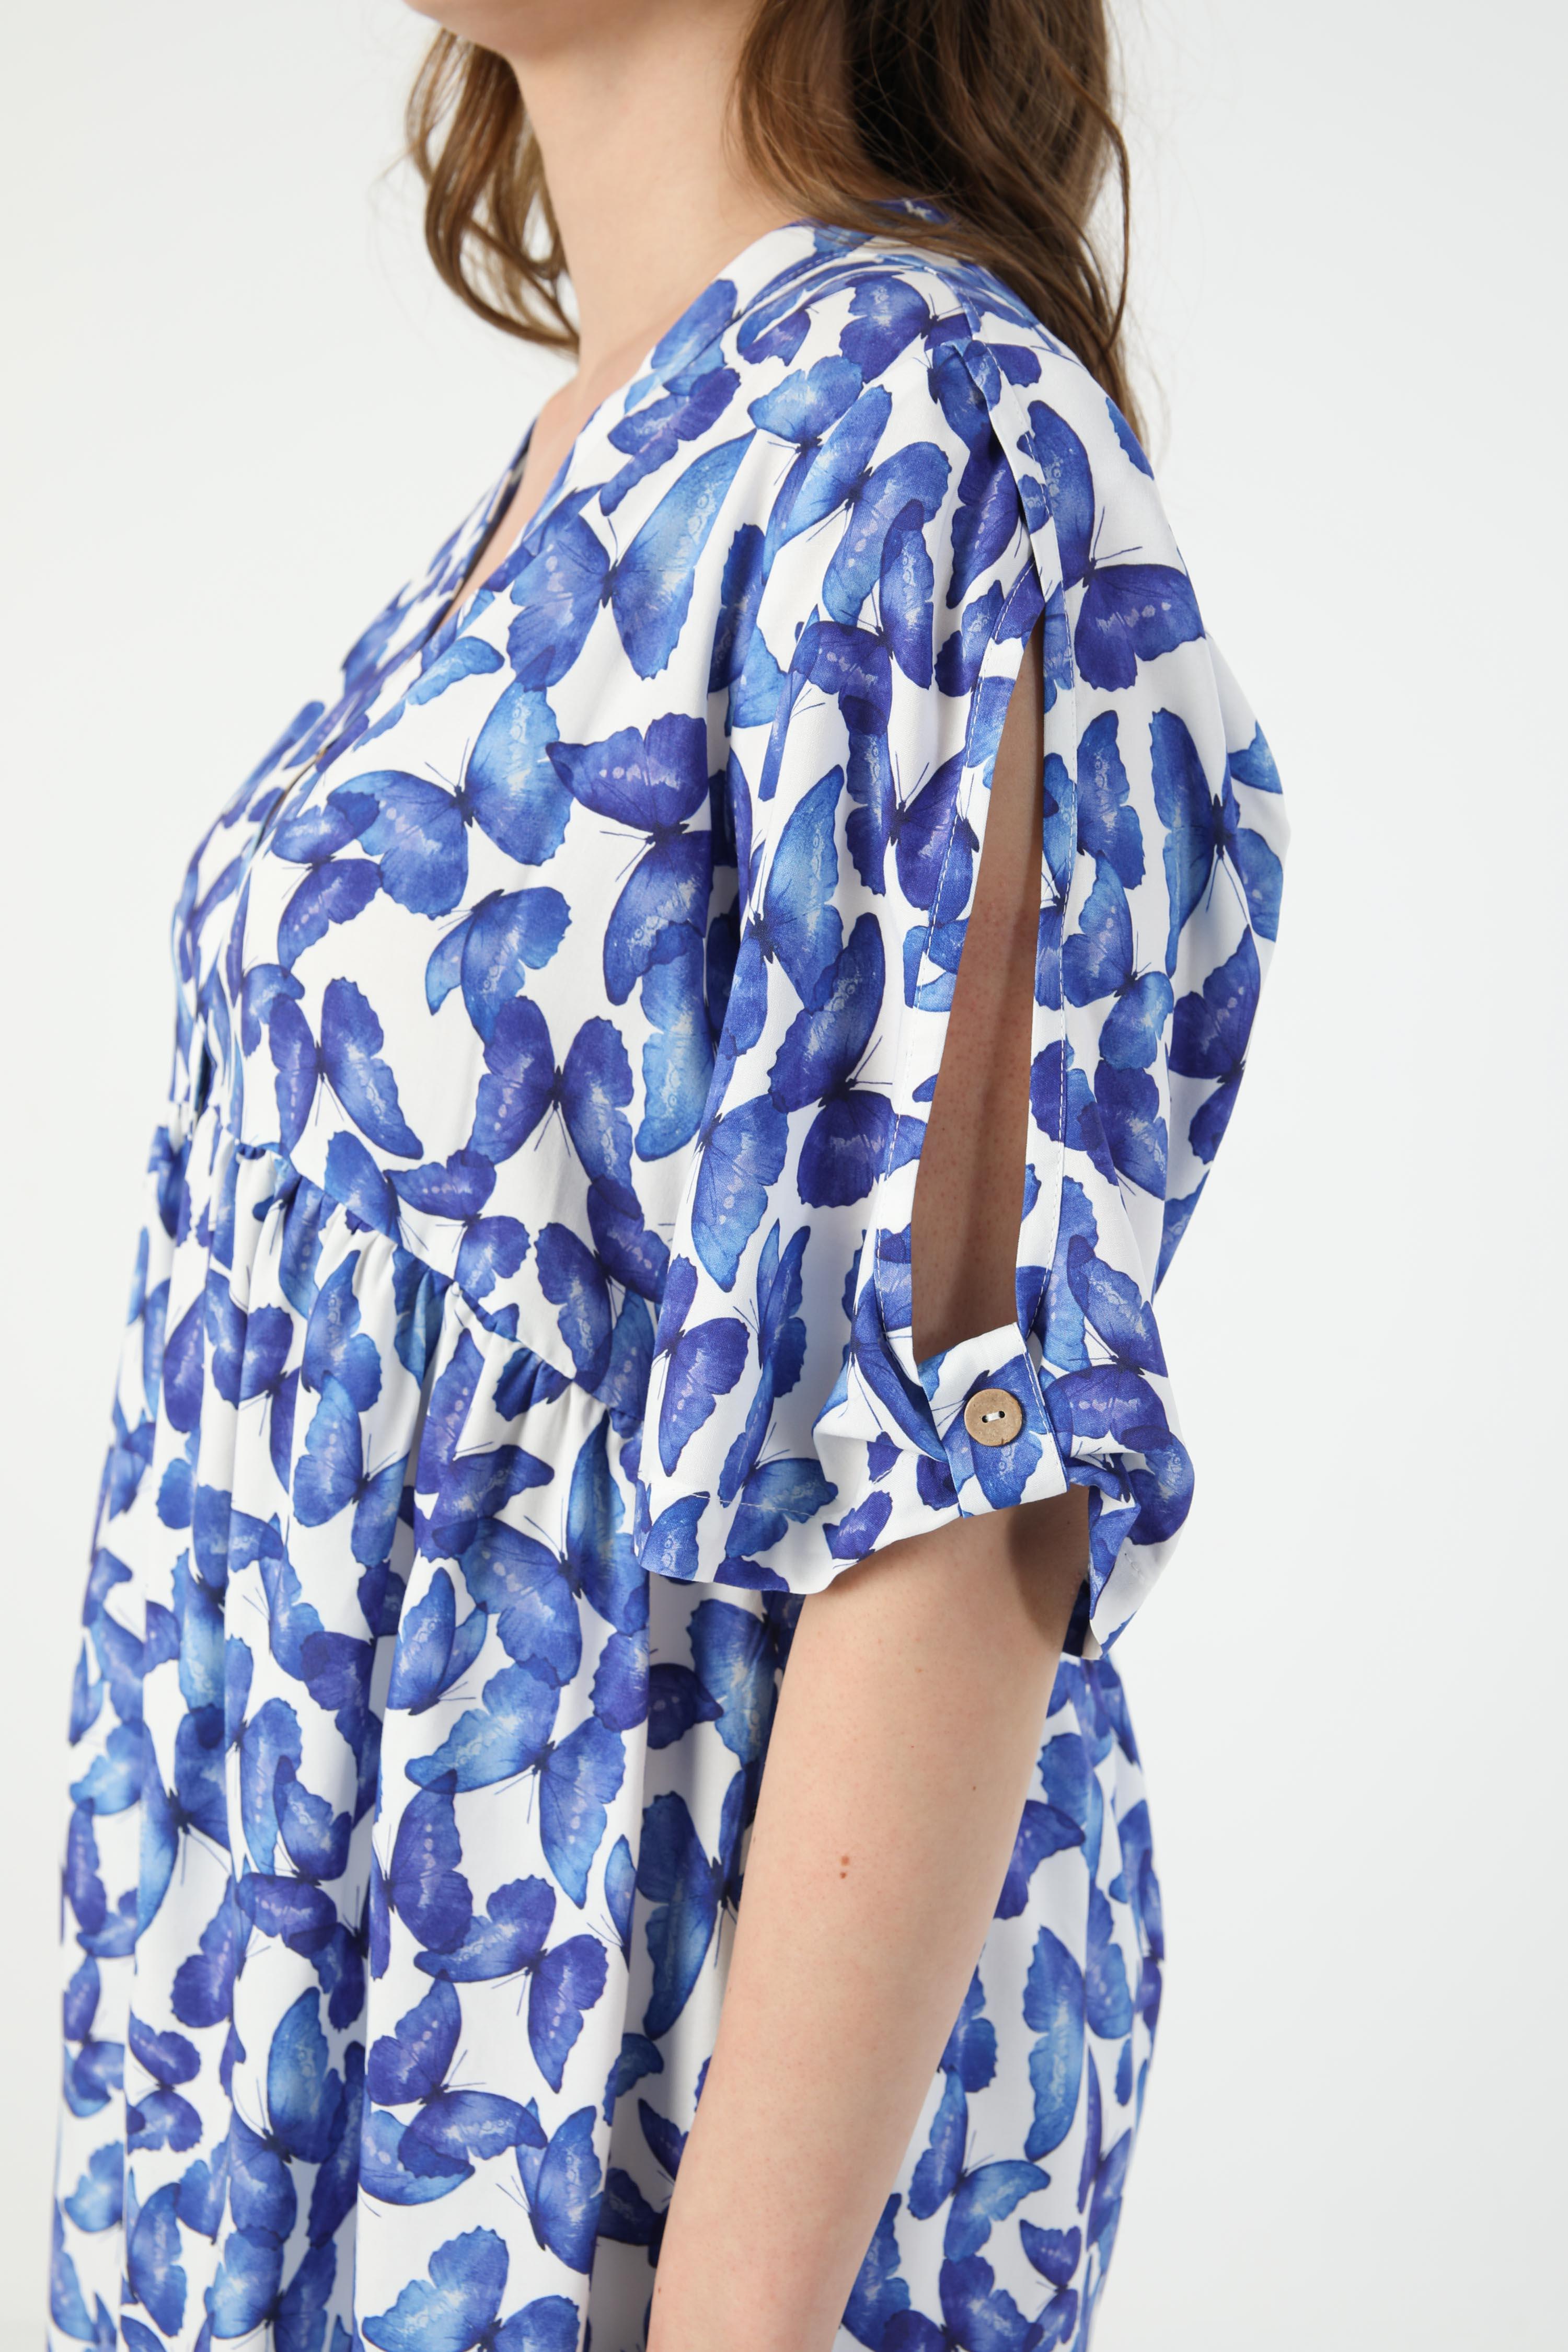 Printed viscose shirt (Shipping April 10/15)